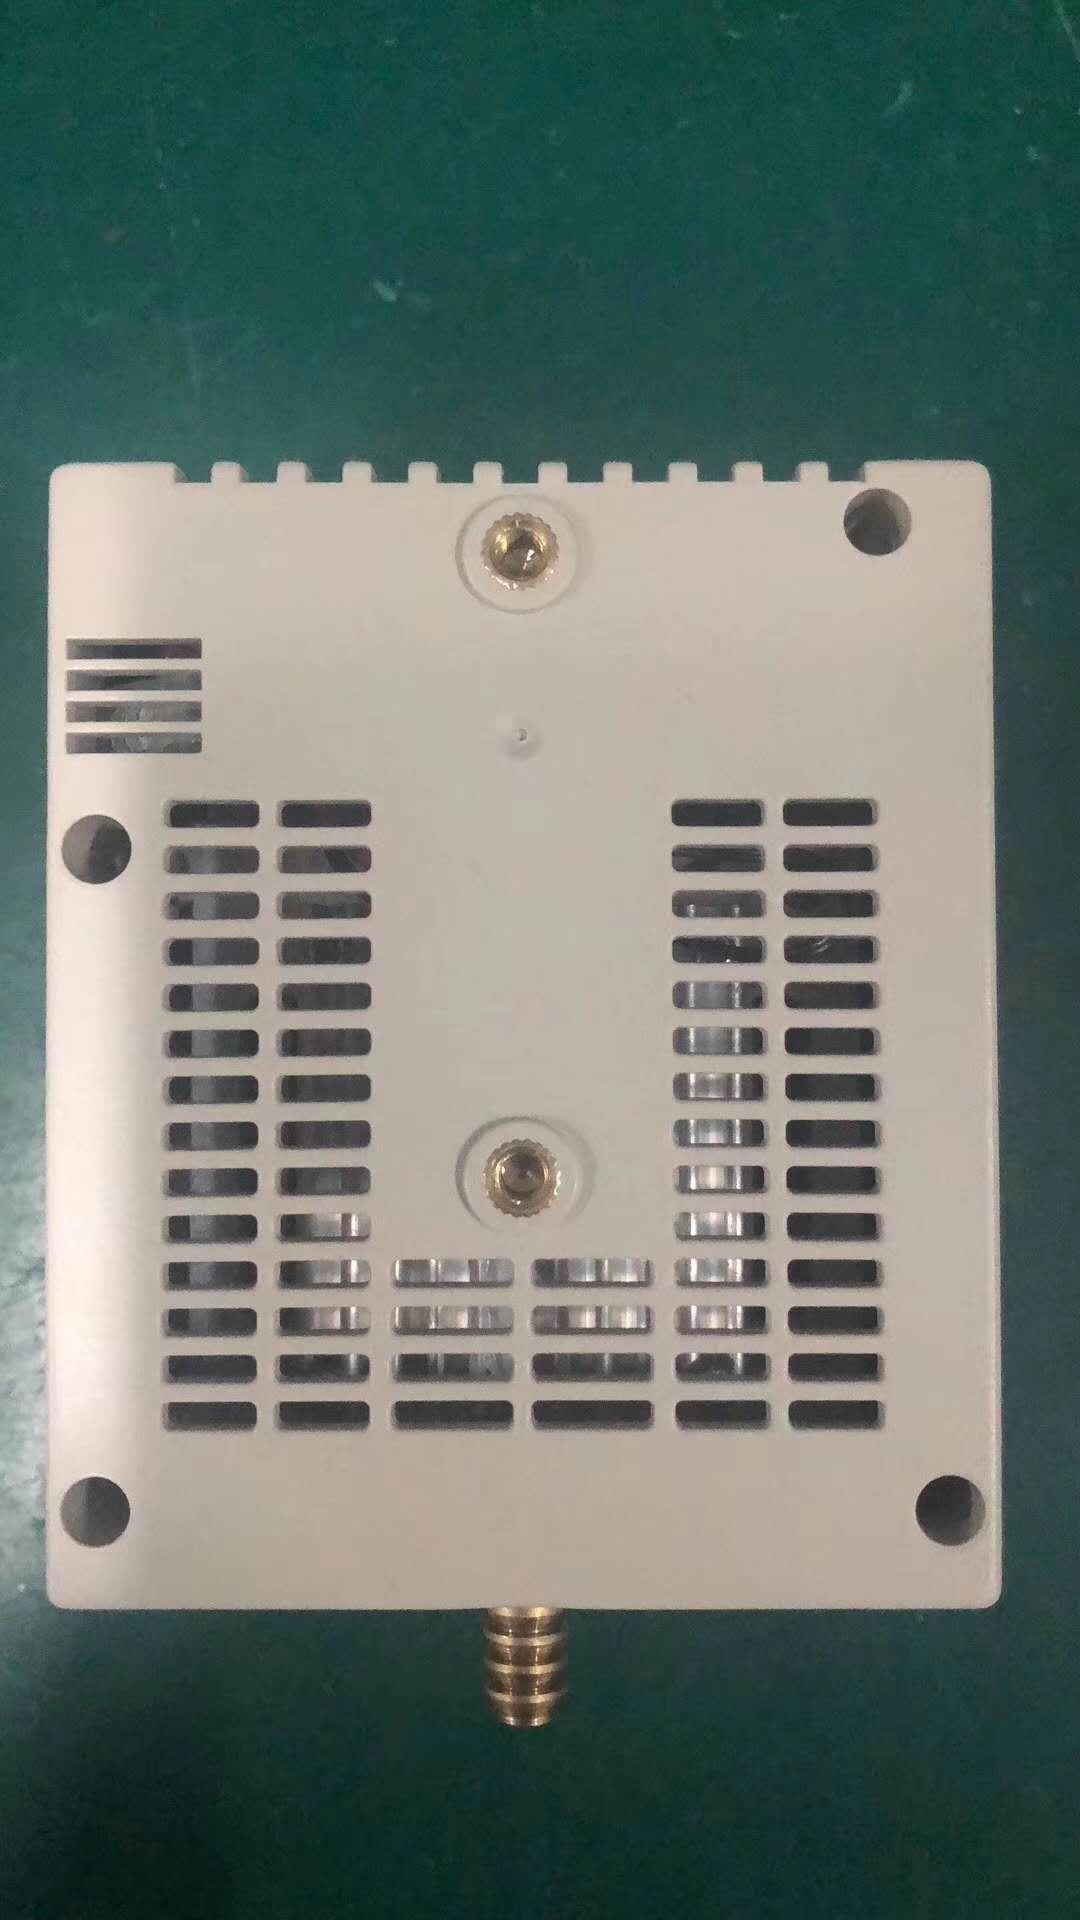 思明XBXD-11DC-33H 式检测端安全栅火吗?